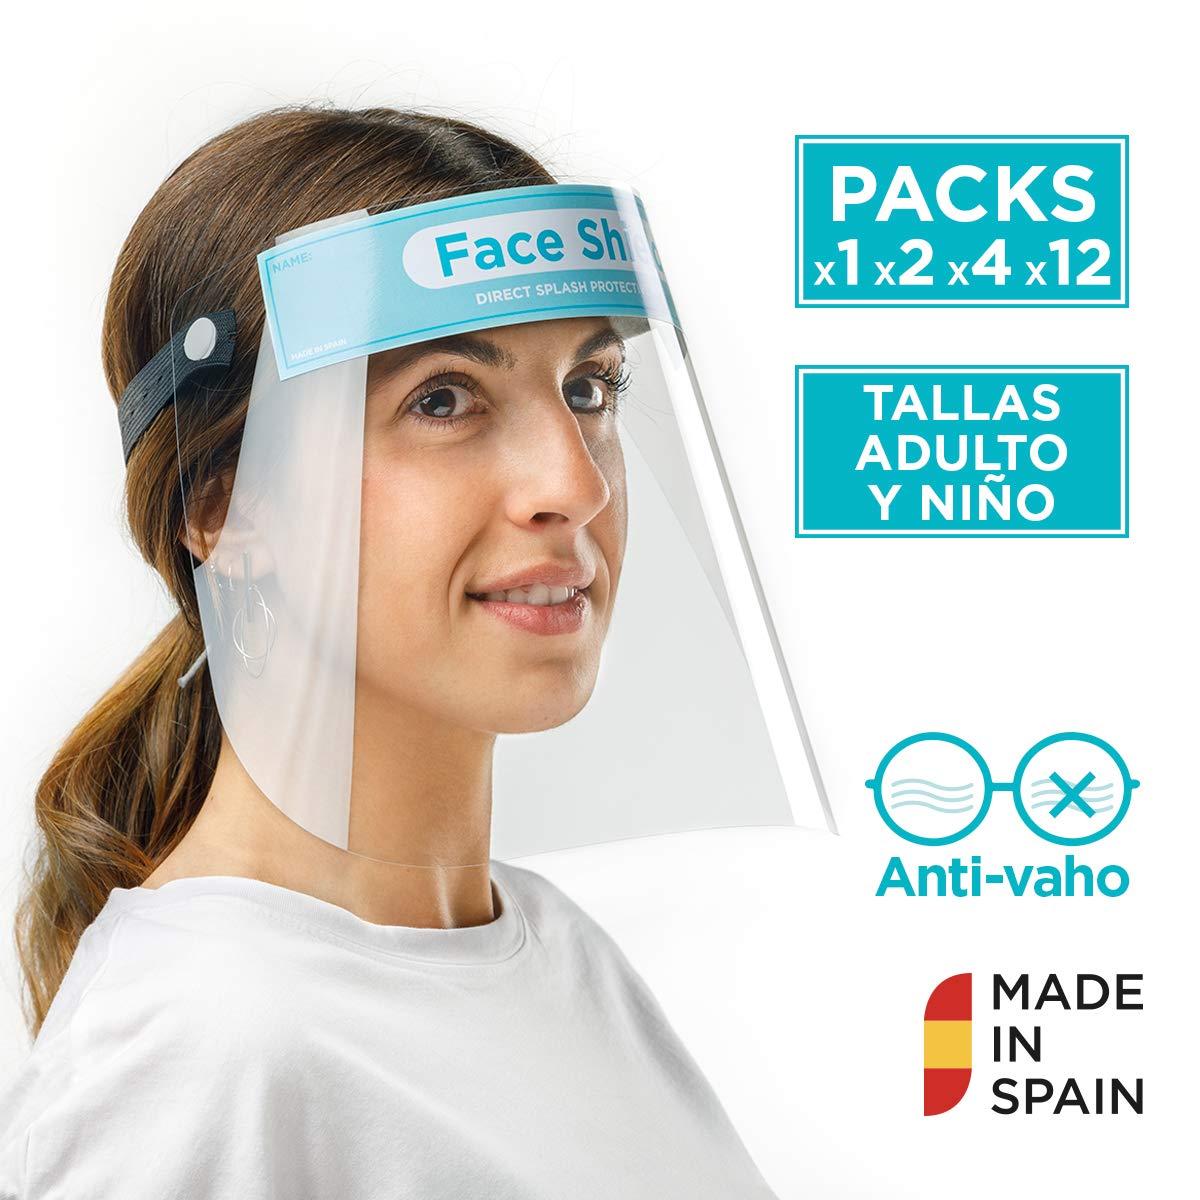 pantalla-proteccion-facial.jpg